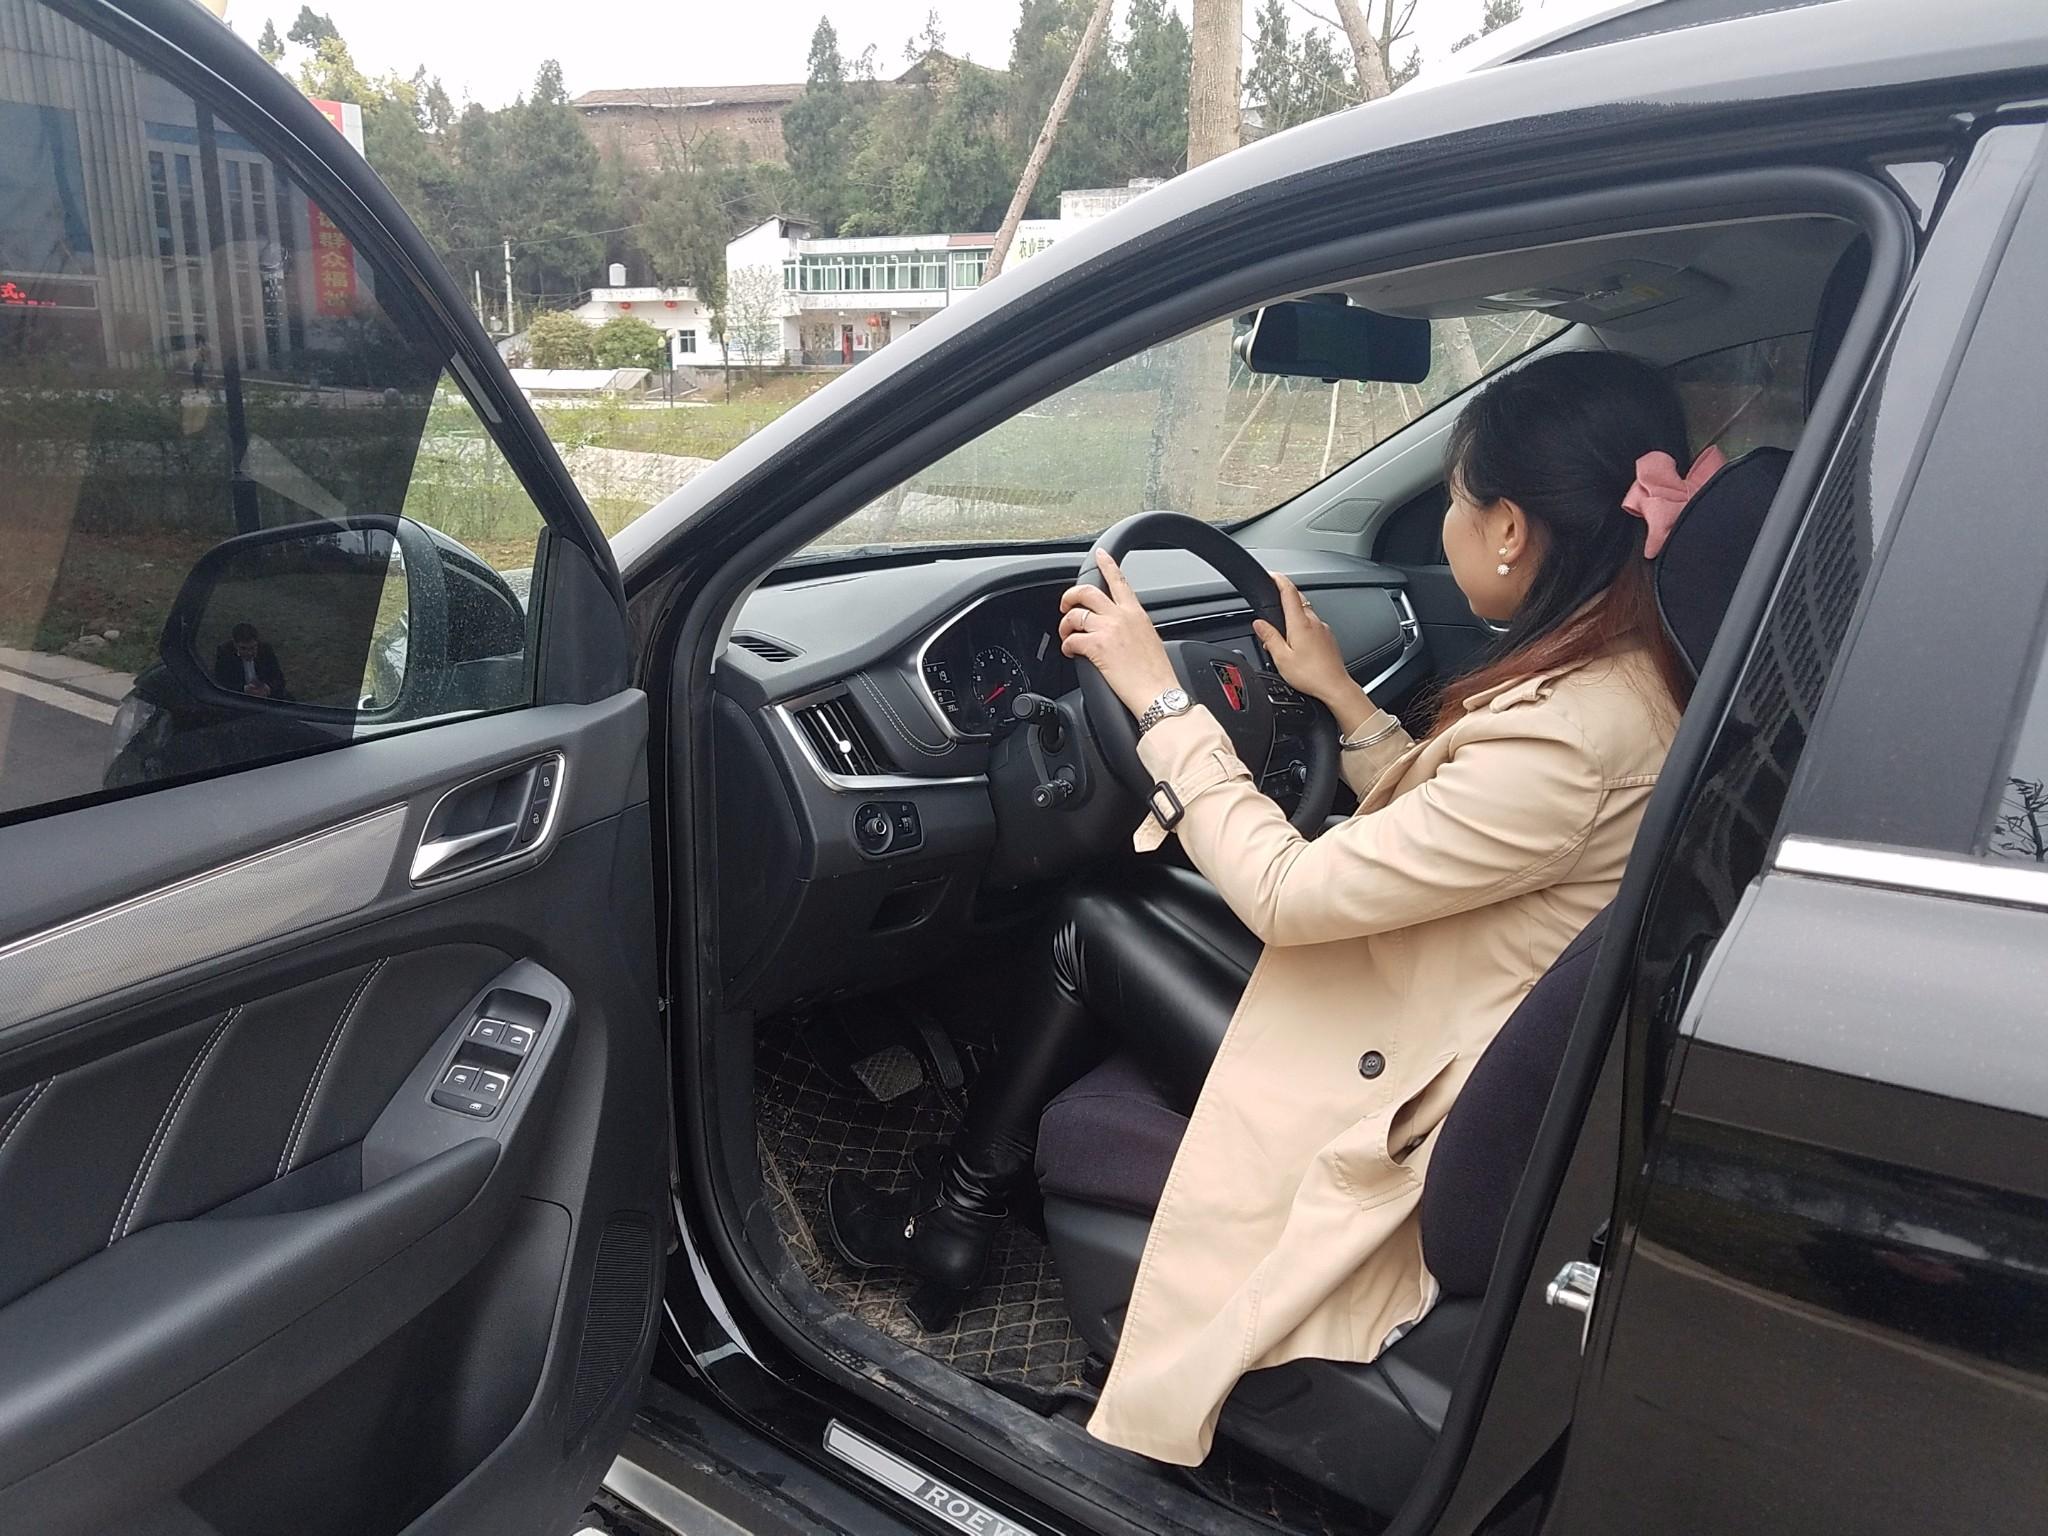 媳妇当车模图片